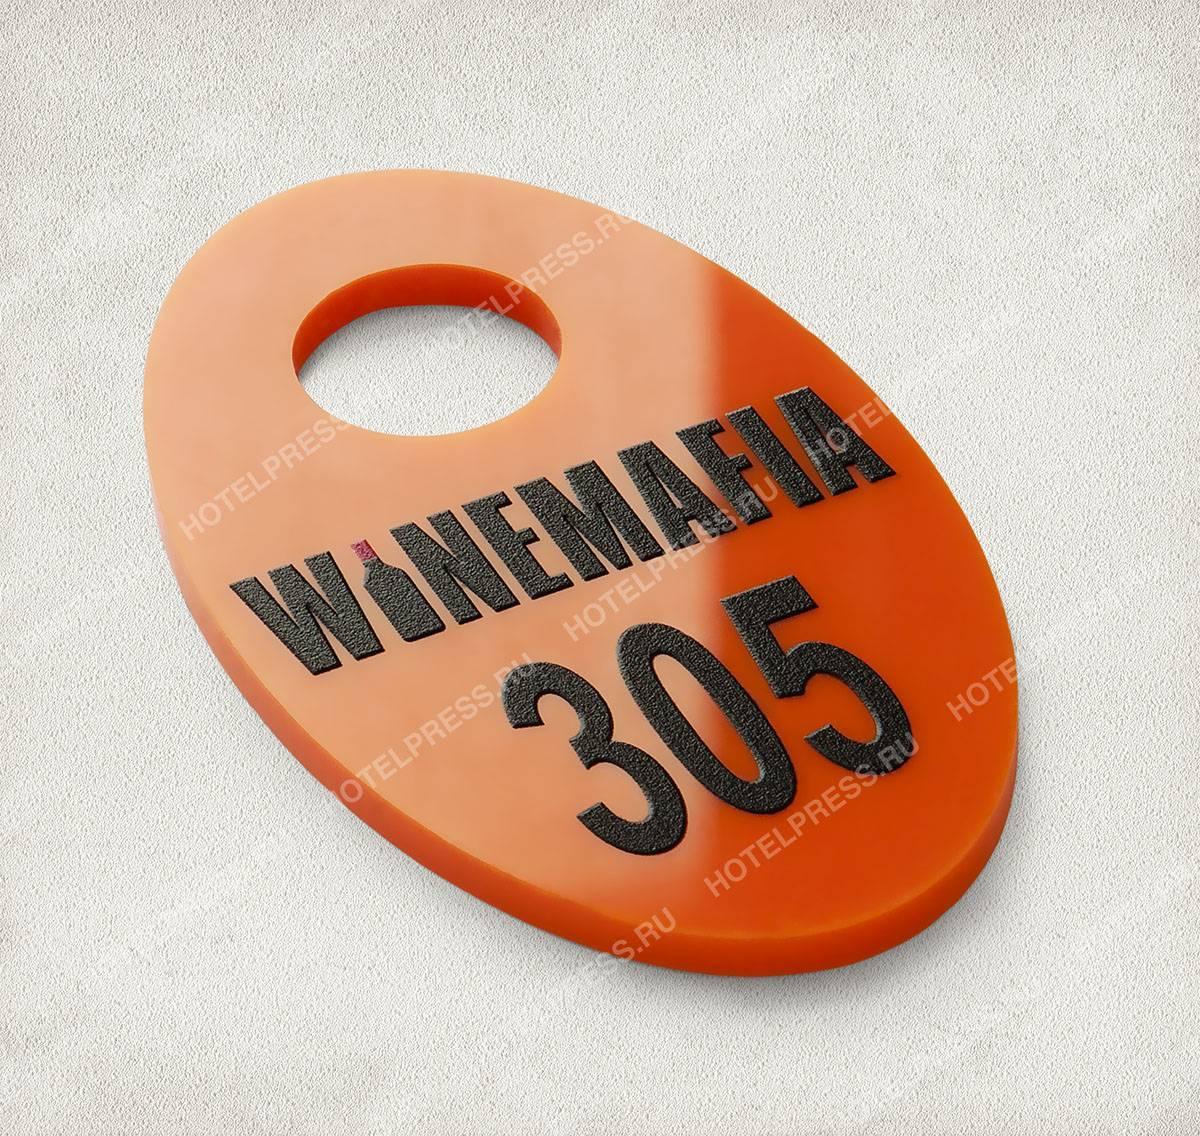 Номерок из акрила с шелкографией сети винных бутиков WINEMAFIA